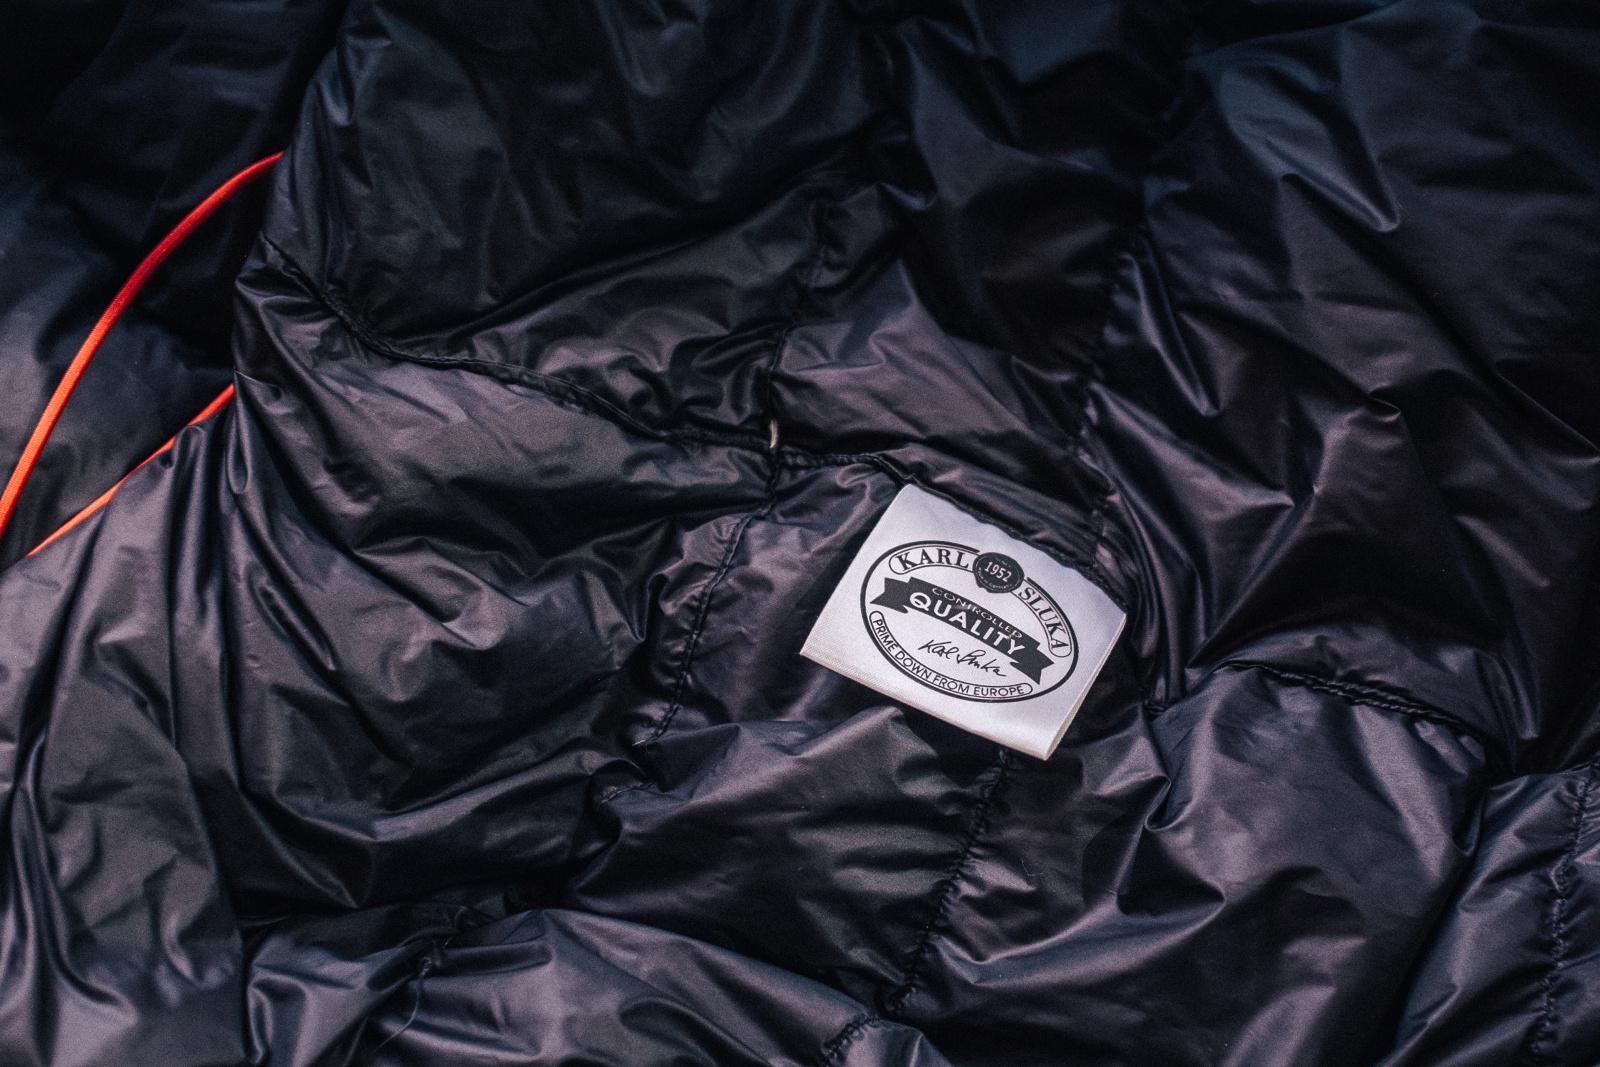 b8d924e989 Warmepace Solitaire 1000 je tedy čistokrevný zimní spacák. Udávaný komfort  -12°C nedává prostor k pochybnostem. Proto jsem ho v rámci testování vzal i  na ...